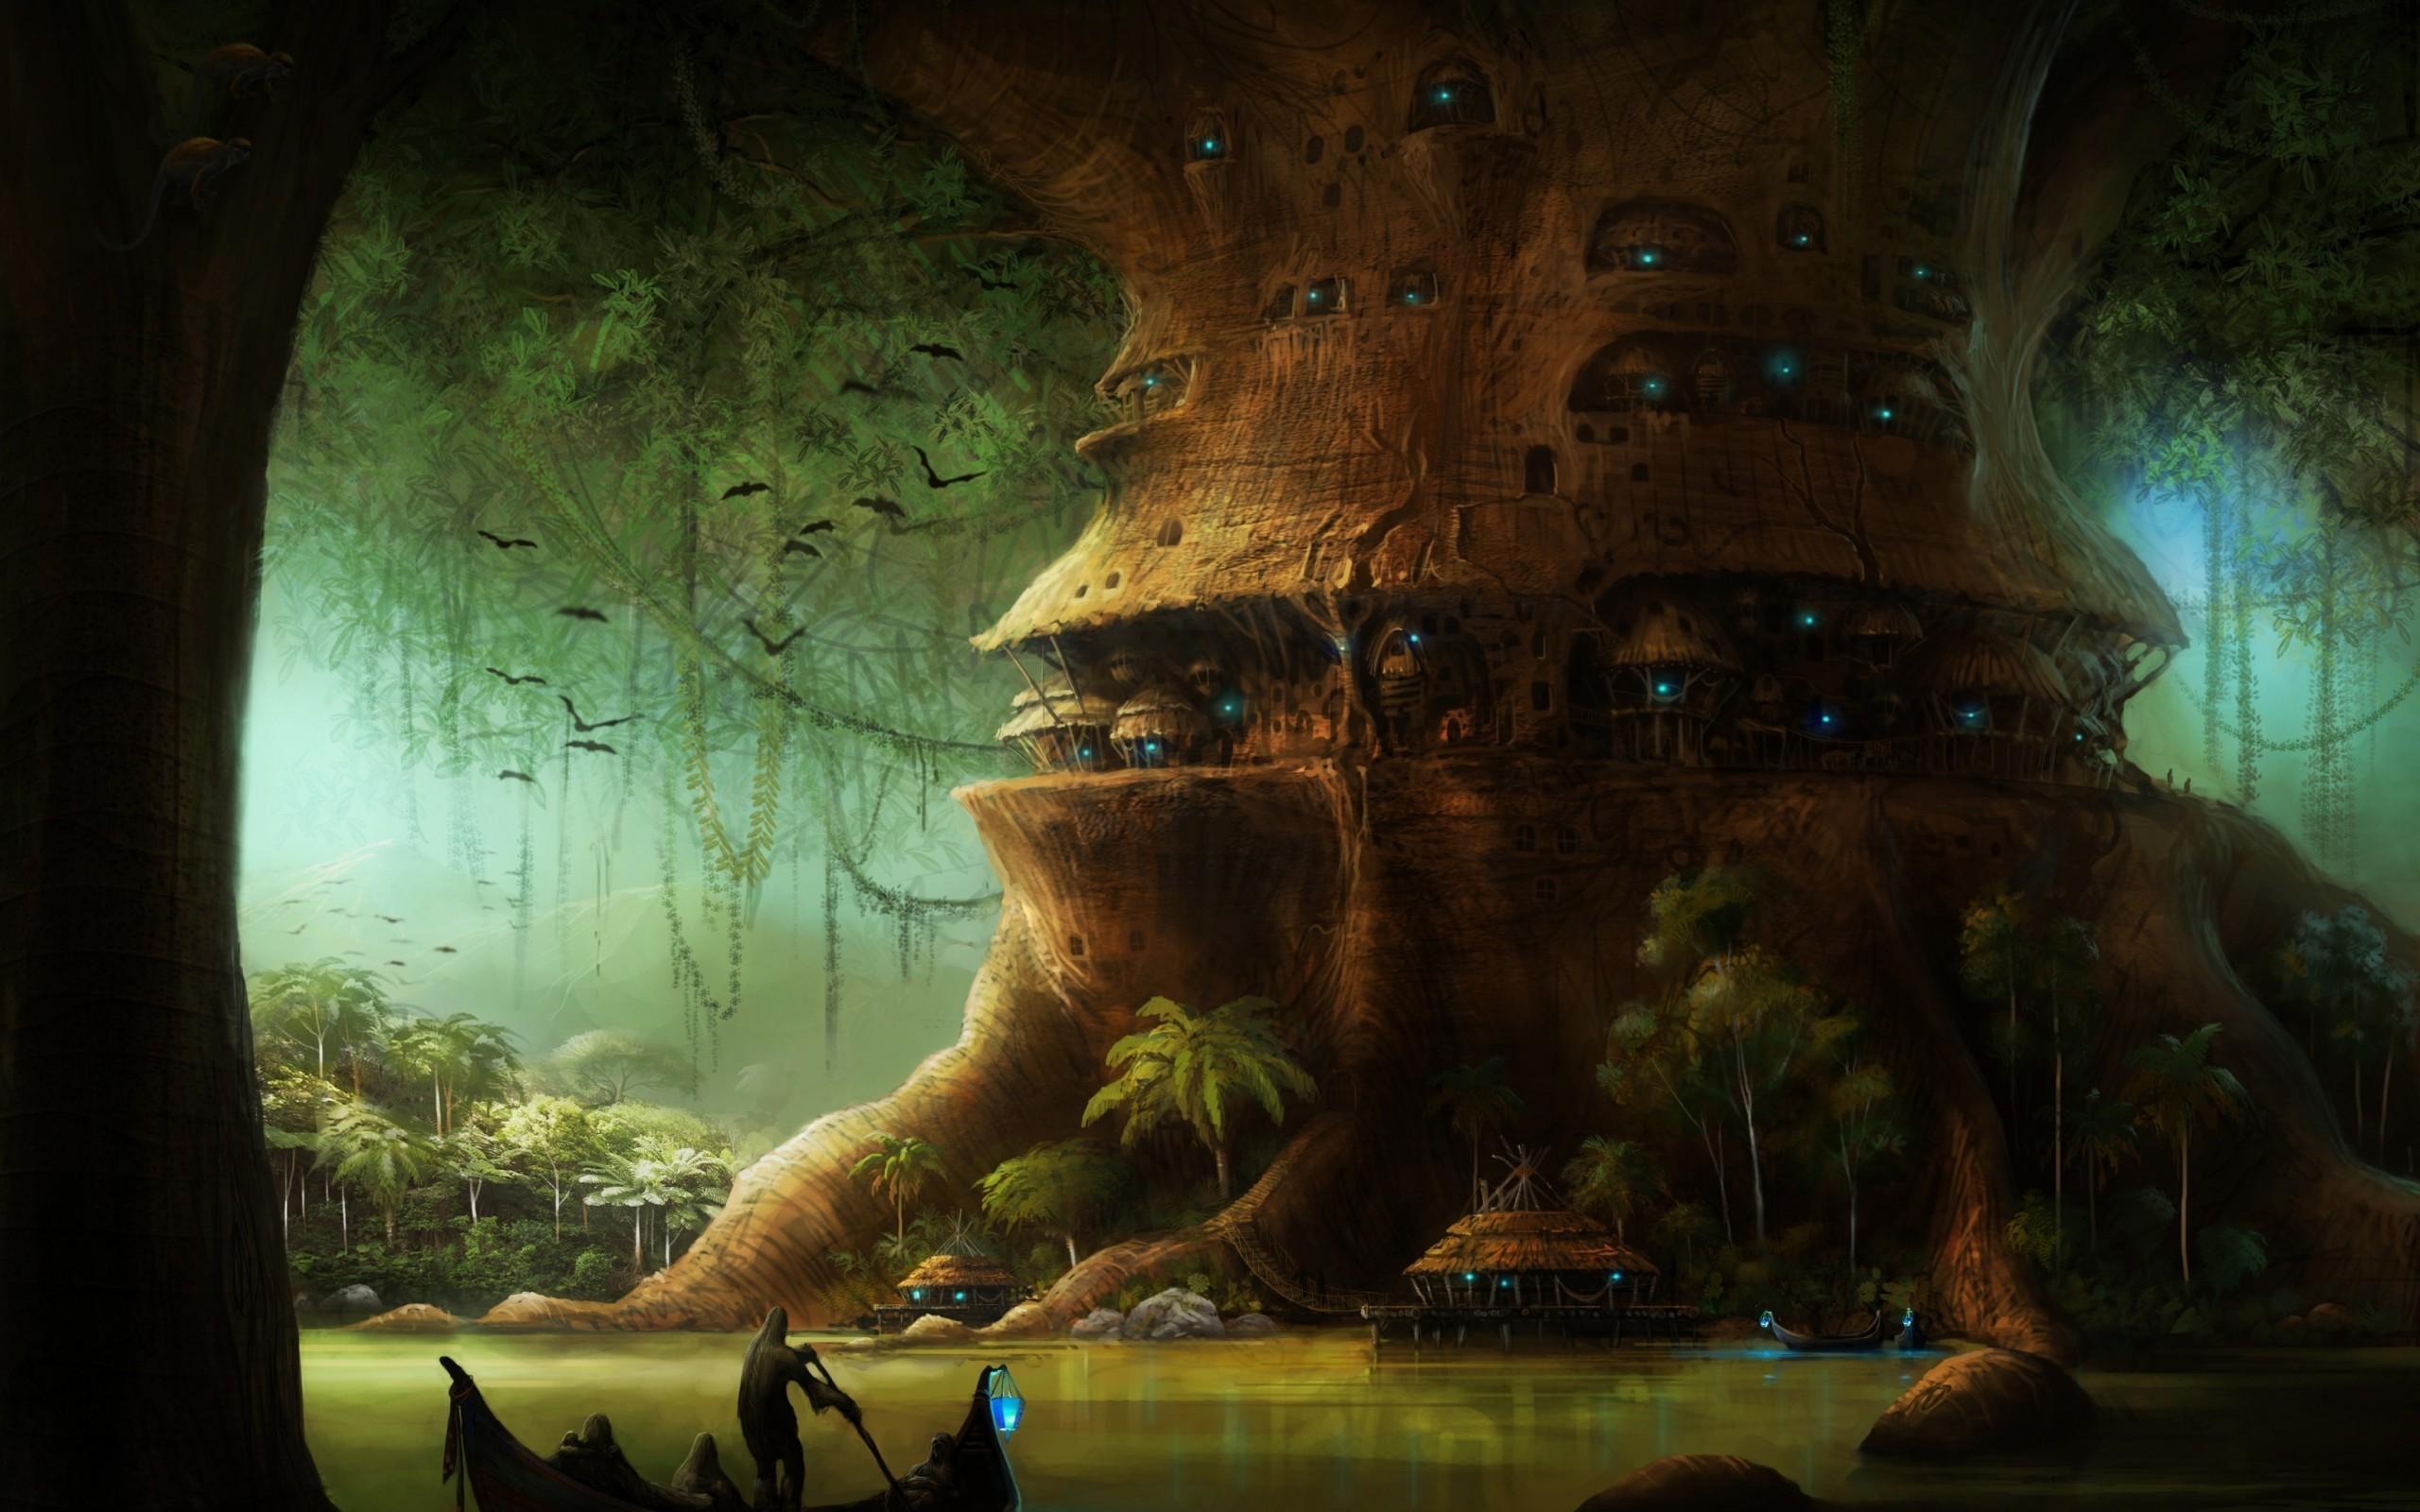 Fantasy - City  Tree Nuclear Fantasy Tree Hollow Wallpaper